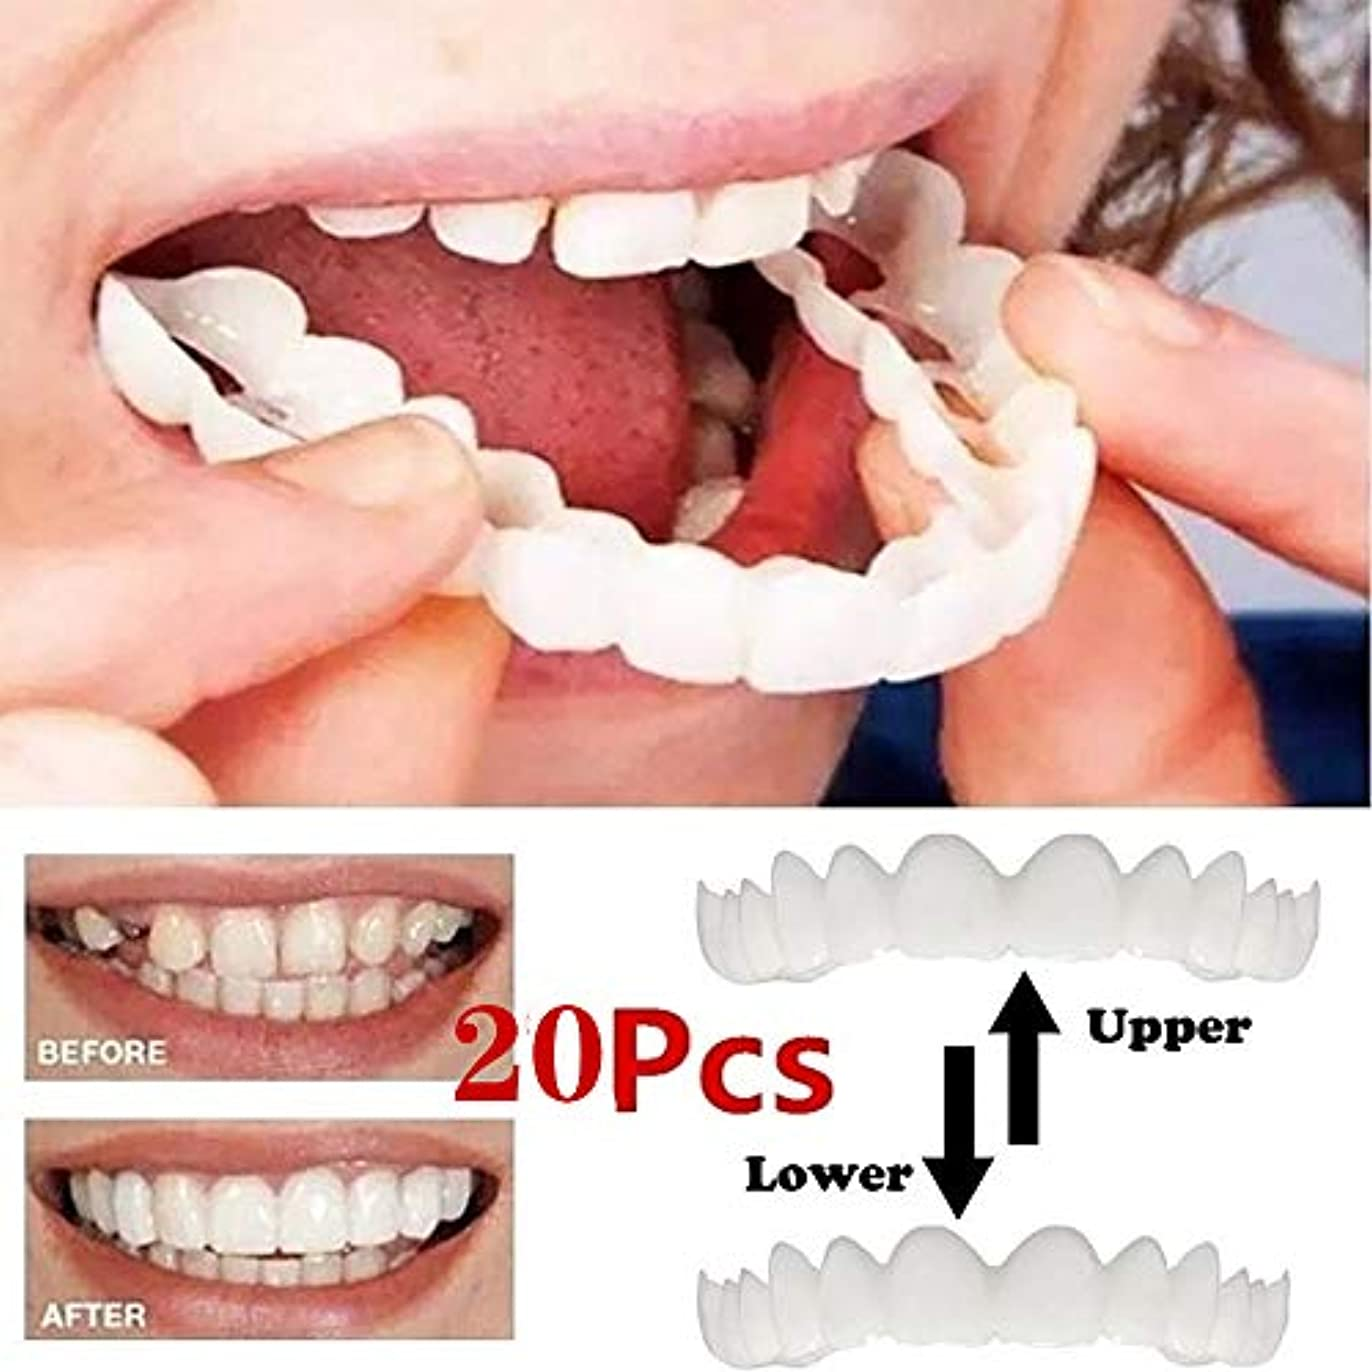 爆発物家禽バルーン突き板の歯、化粧品の歯 - 一時的な笑顔の快適さフィットフレックス化粧品の歯、偽歯、快適な上と下のベニヤ - 歯のベニヤ(10 /下+ / 10トップ)